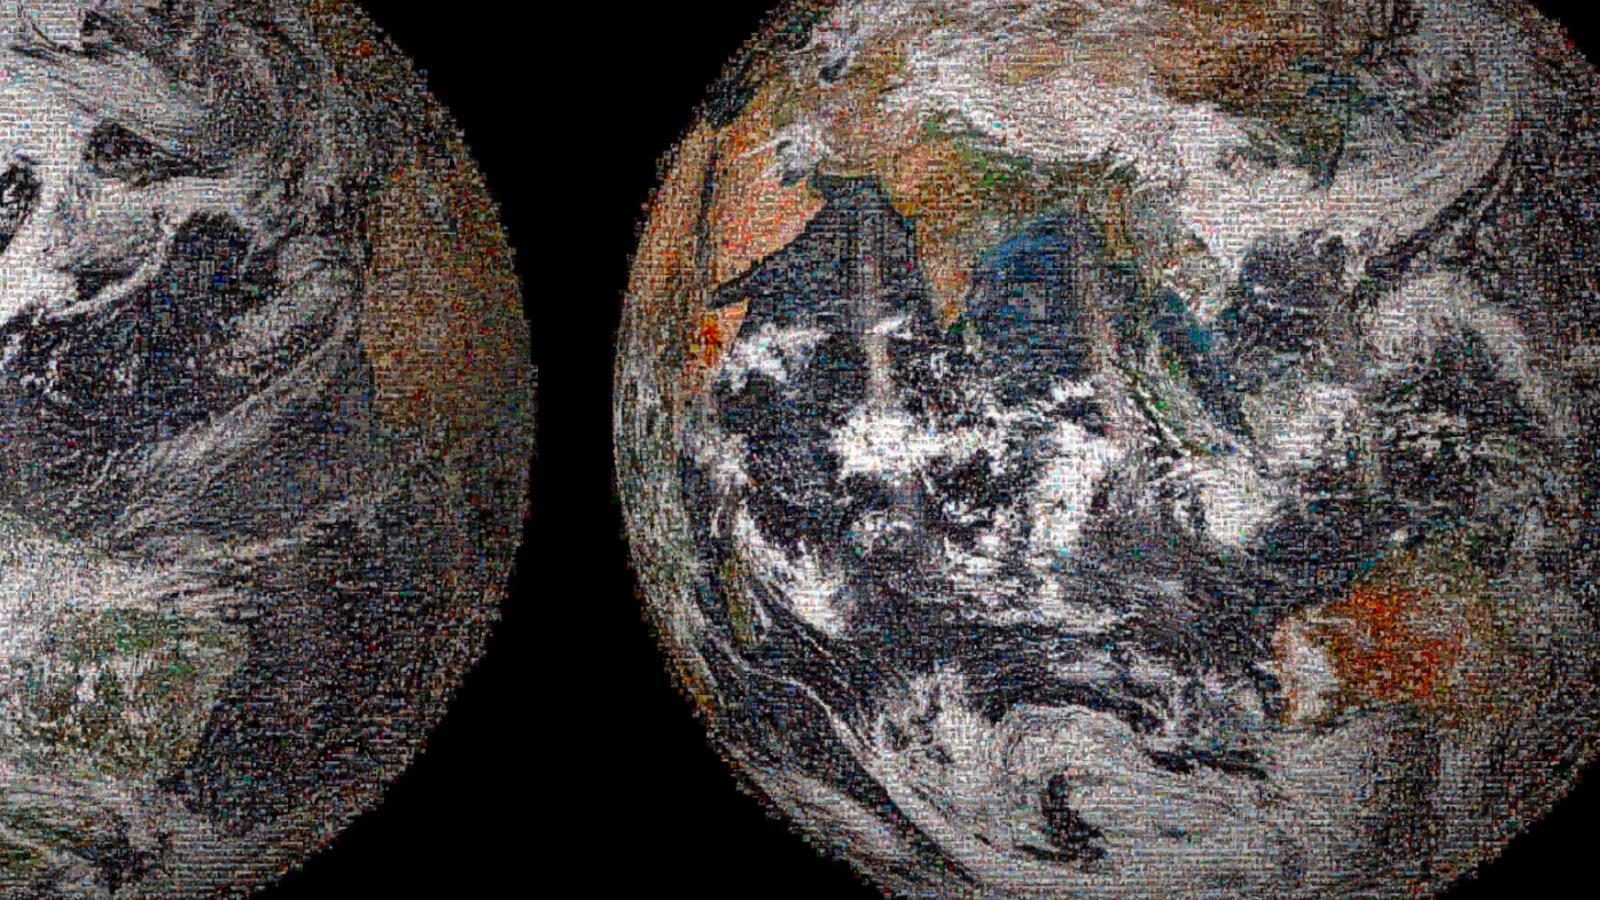 NASA Global Selfie